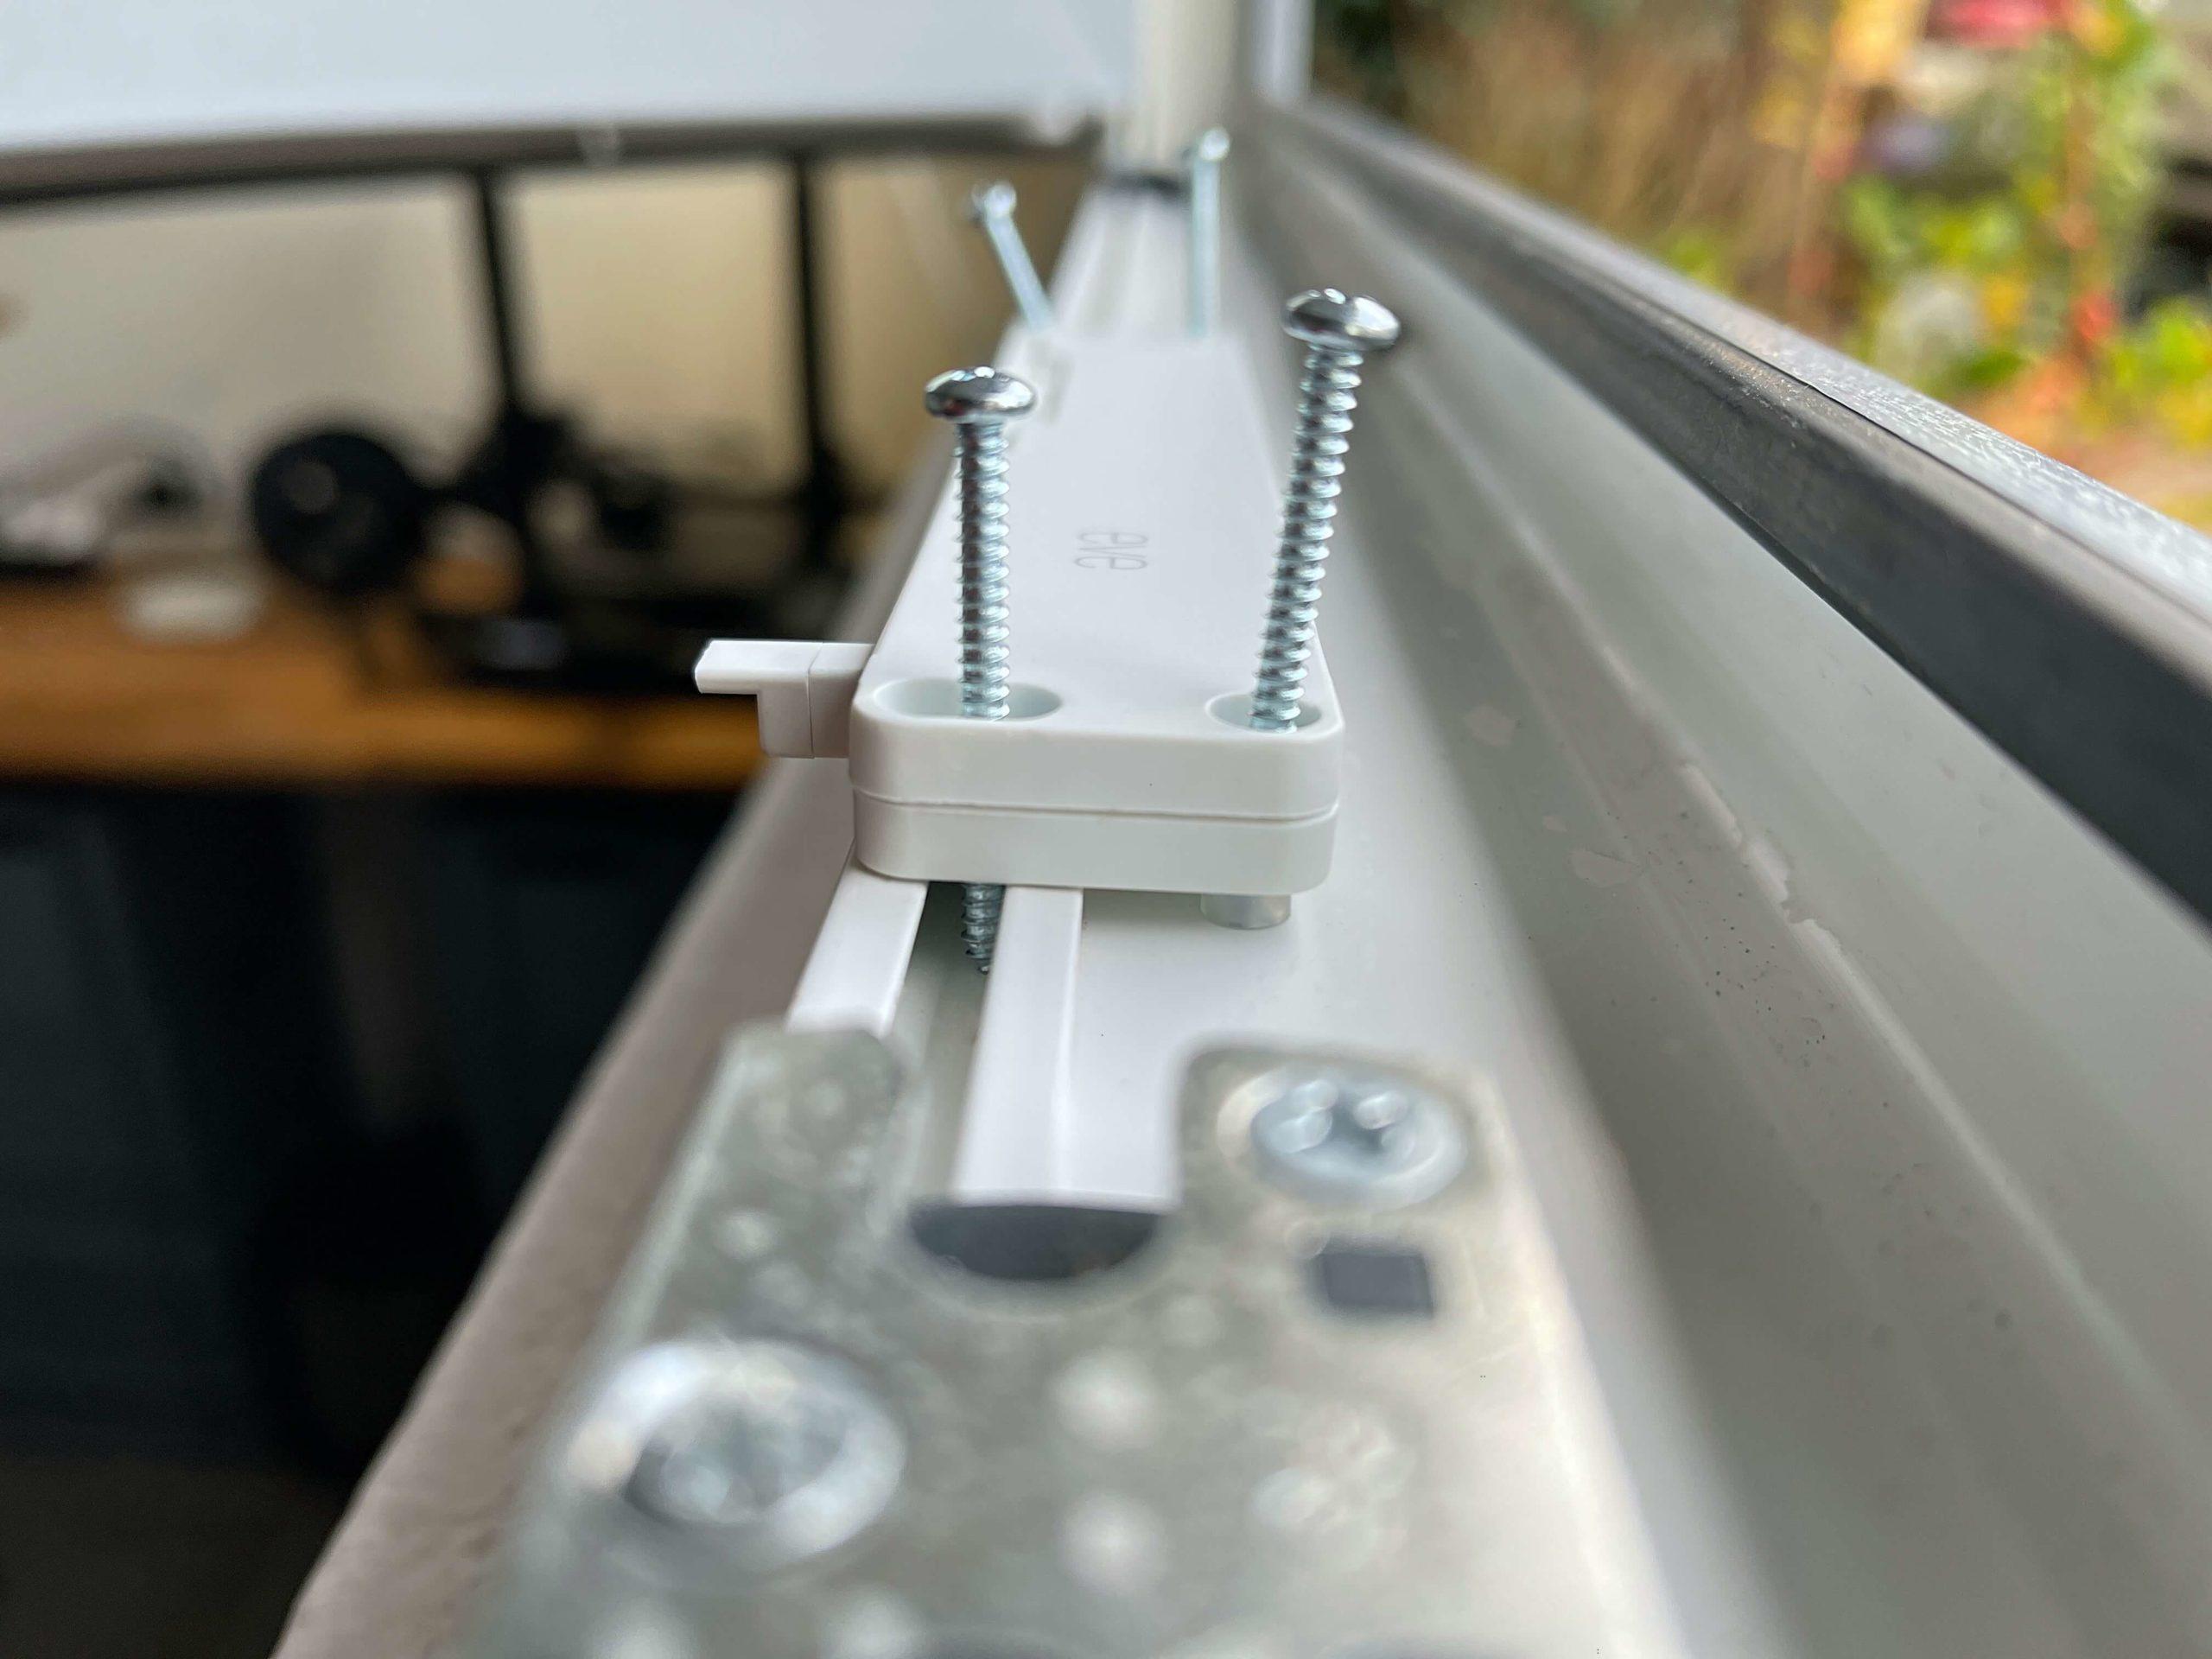 Eve_Window_Guard_Apple_HomeKit_Fenster_Sensor4-scaled Eve Window Guard - Fenster via Apple HomeKit absichern und überwachen